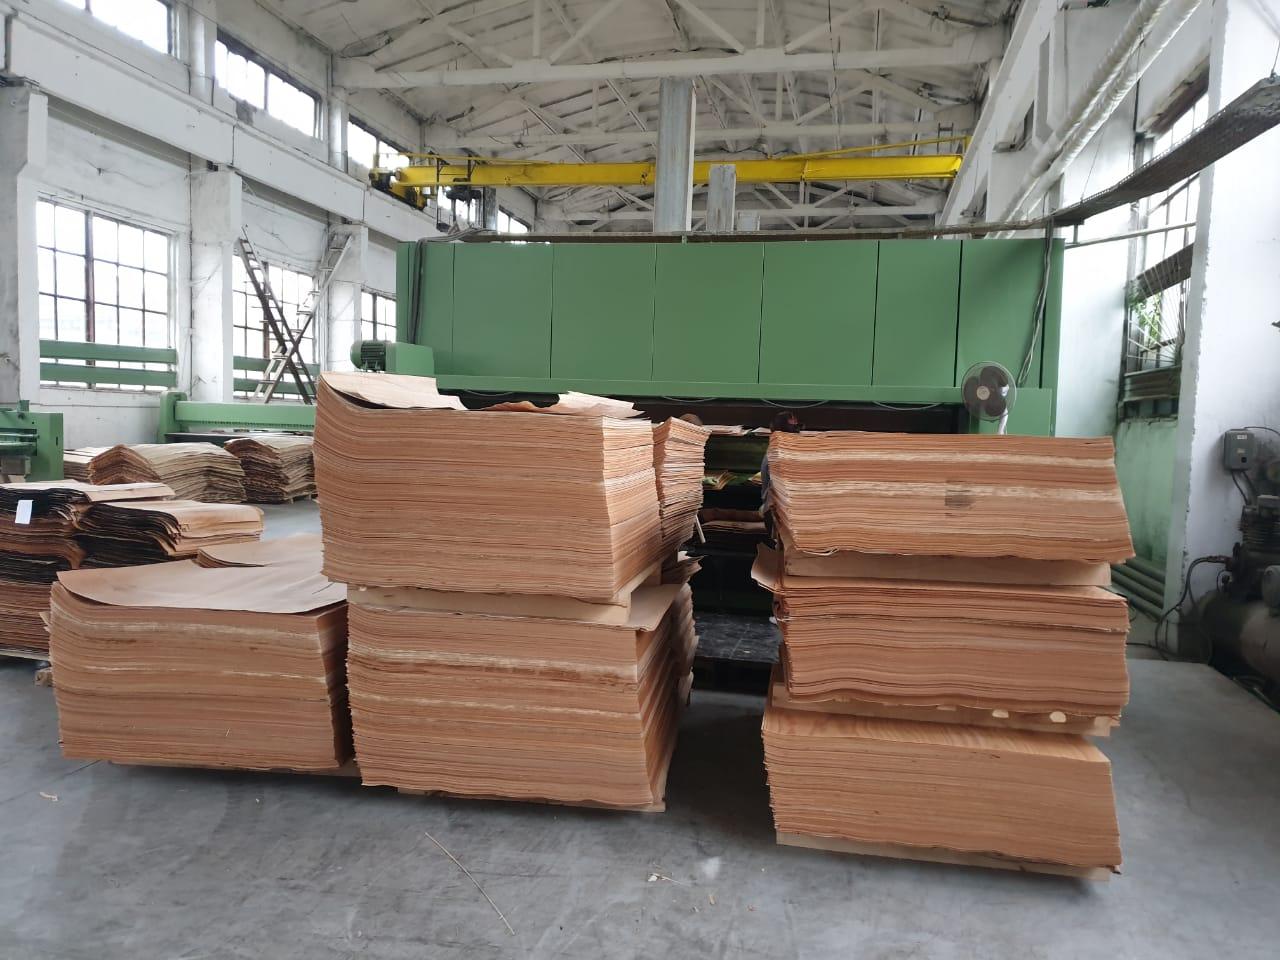 wood veneer drying